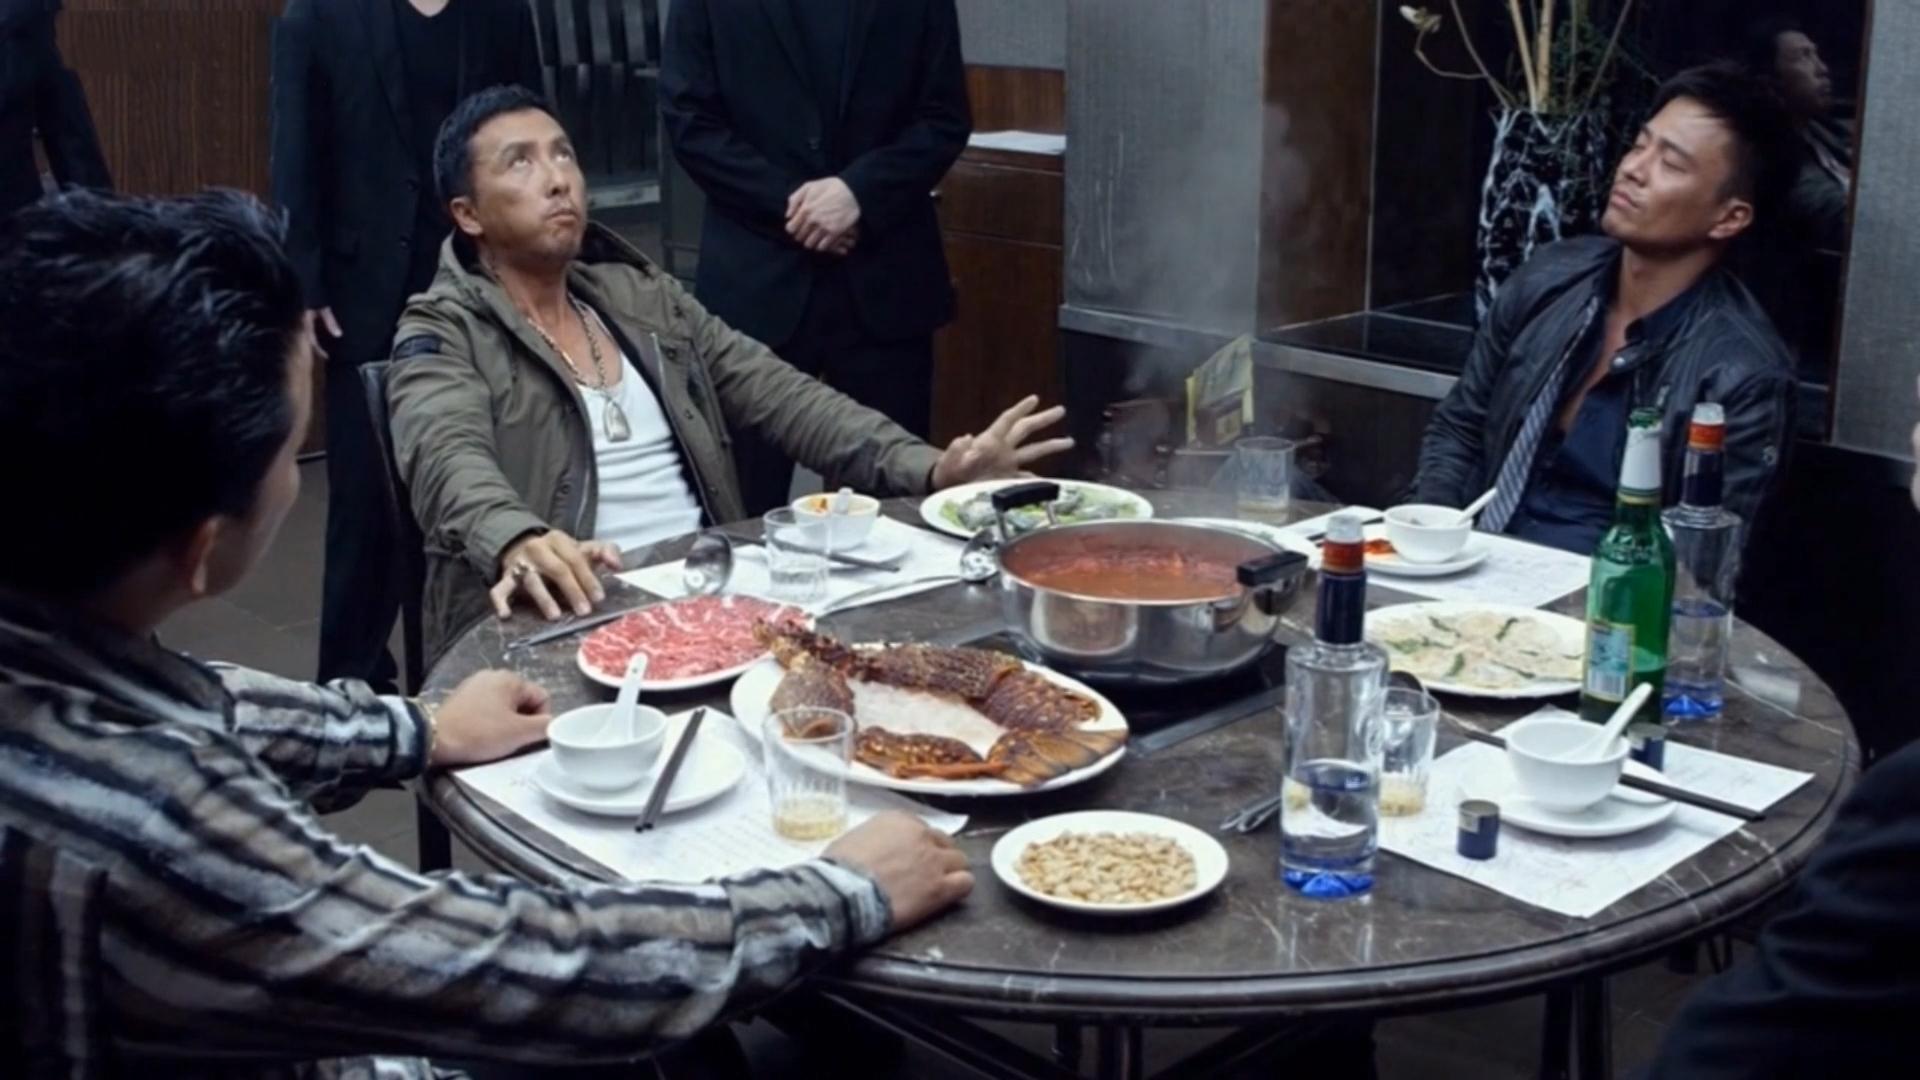 港片中黑老大吃饭场面,林家栋吃火锅,曾志伟吃盒饭,看饿了